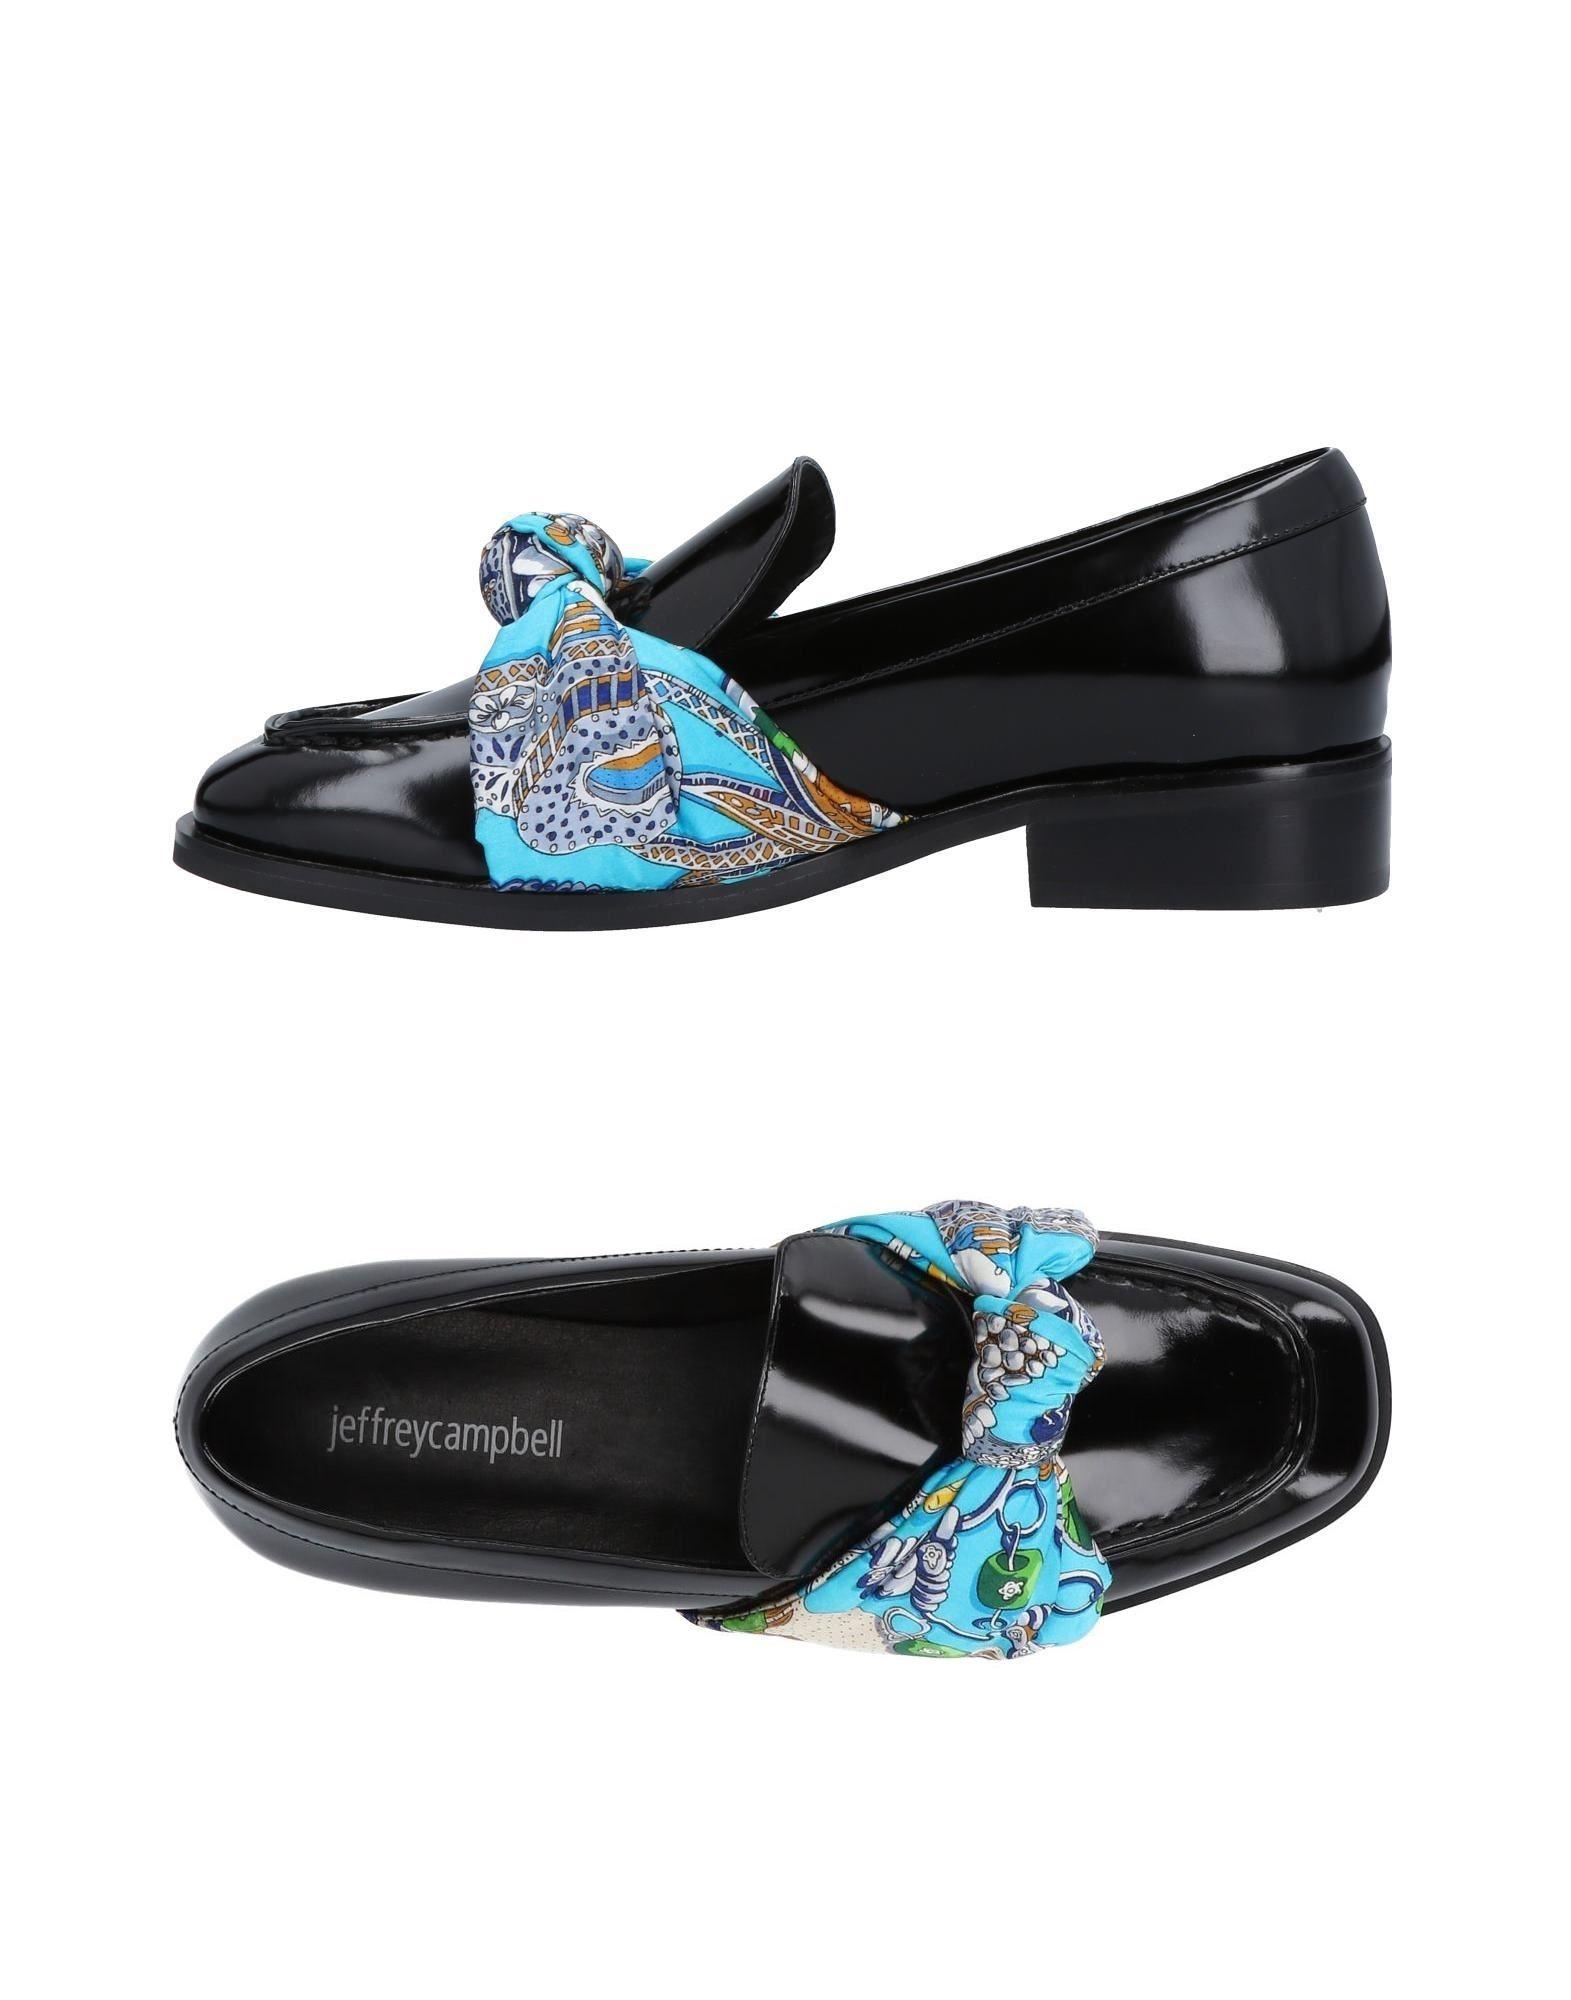 Jeffrey Campbell Mokassins Qualität Damen  11467060EV Gute Qualität Mokassins beliebte Schuhe 4625ab